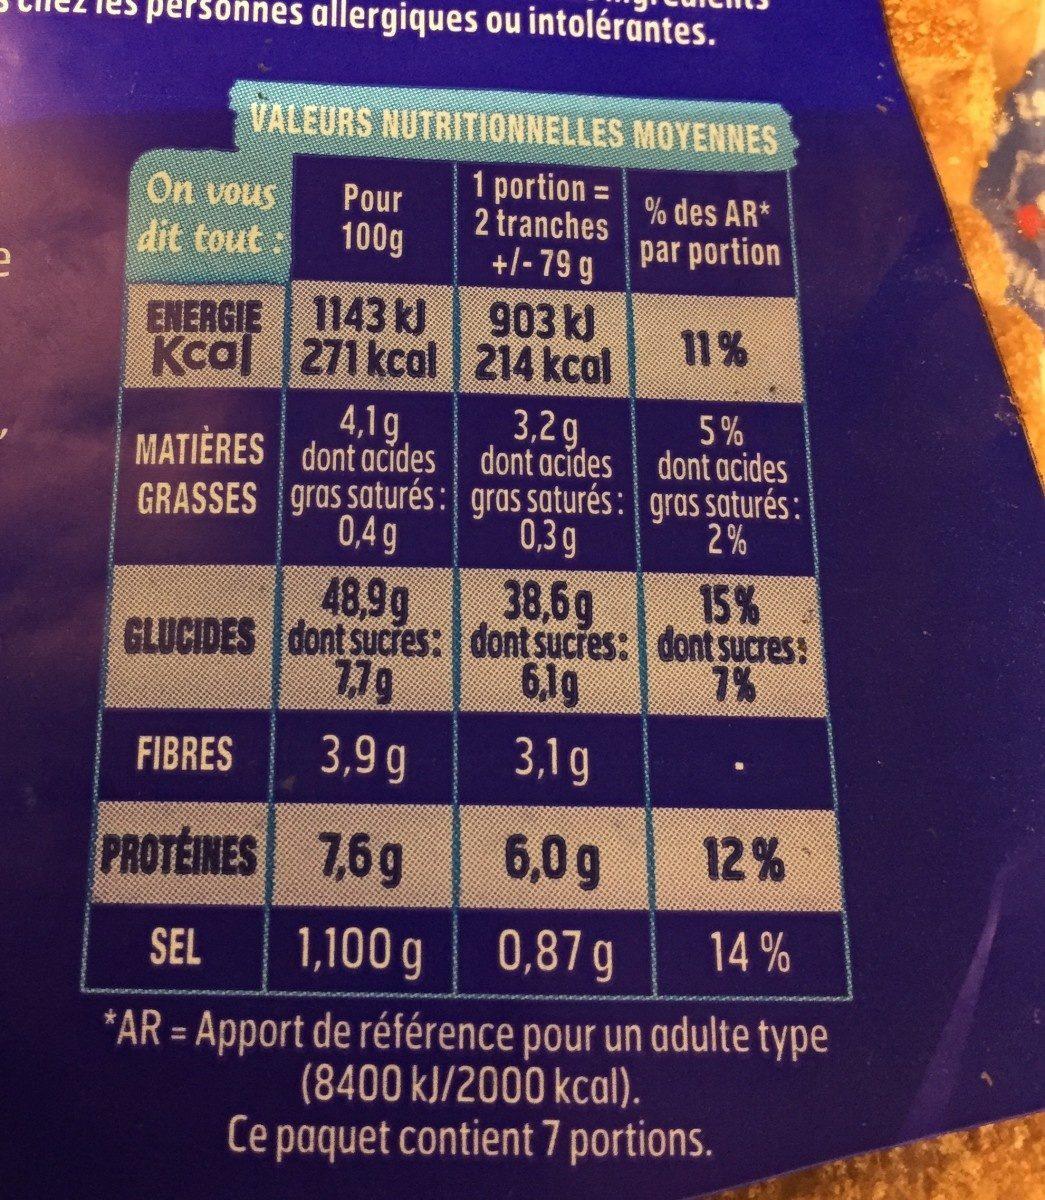 Harrys pain de mie american sandwich nature - Informations nutritionnelles - fr